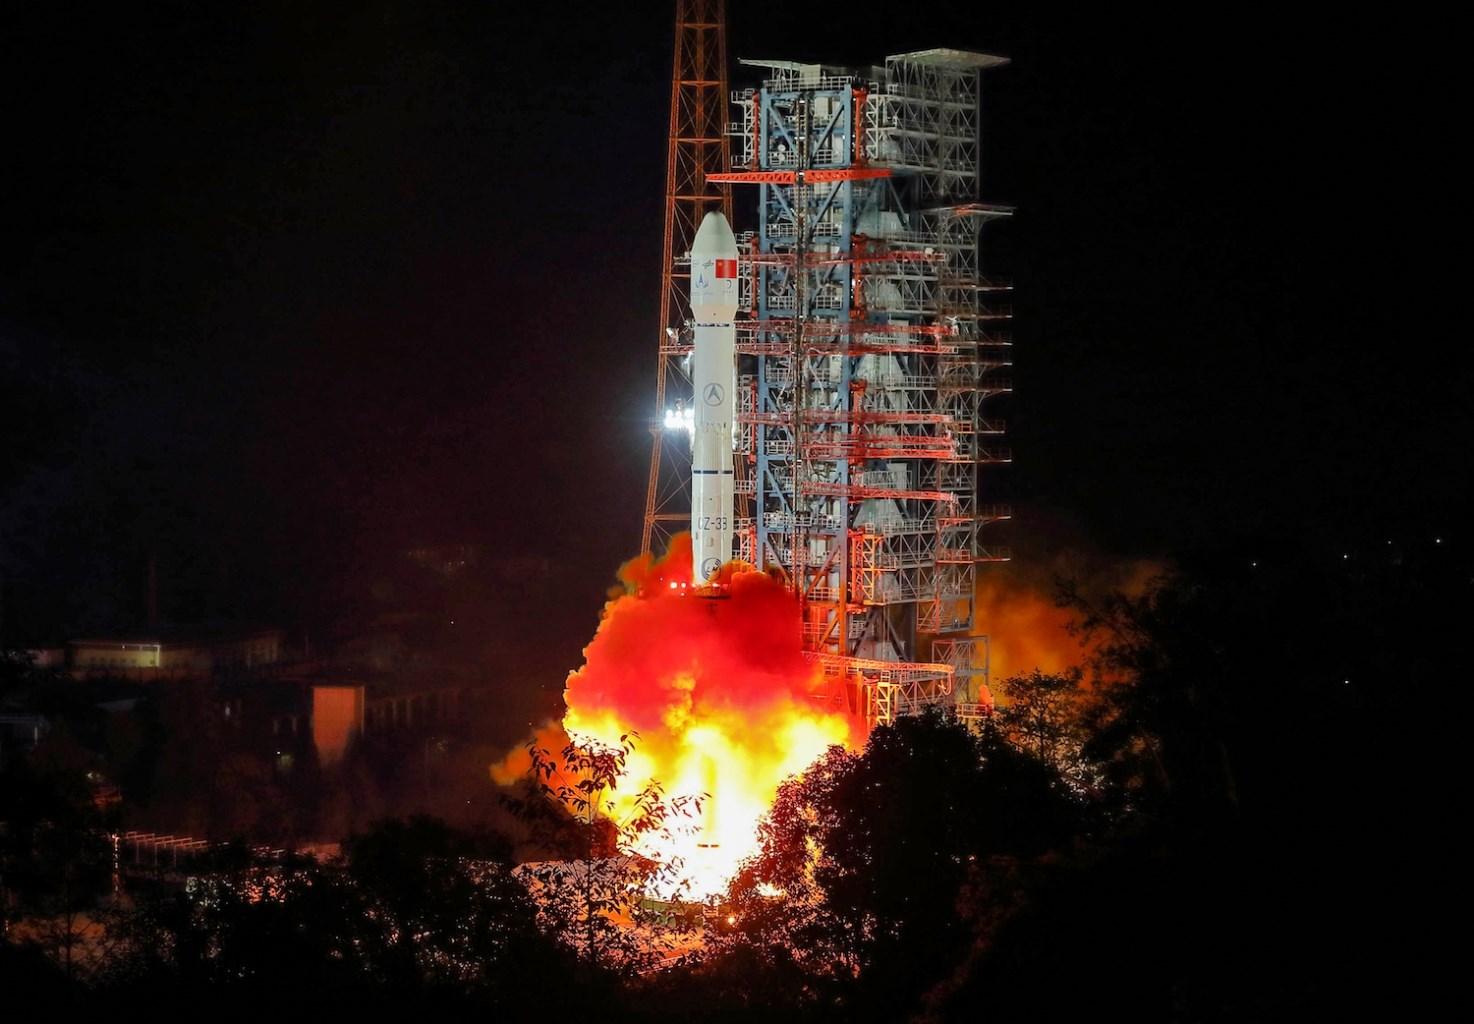 منافسة جديدة بين الصين وأميركا: السيطرة على الفضاء